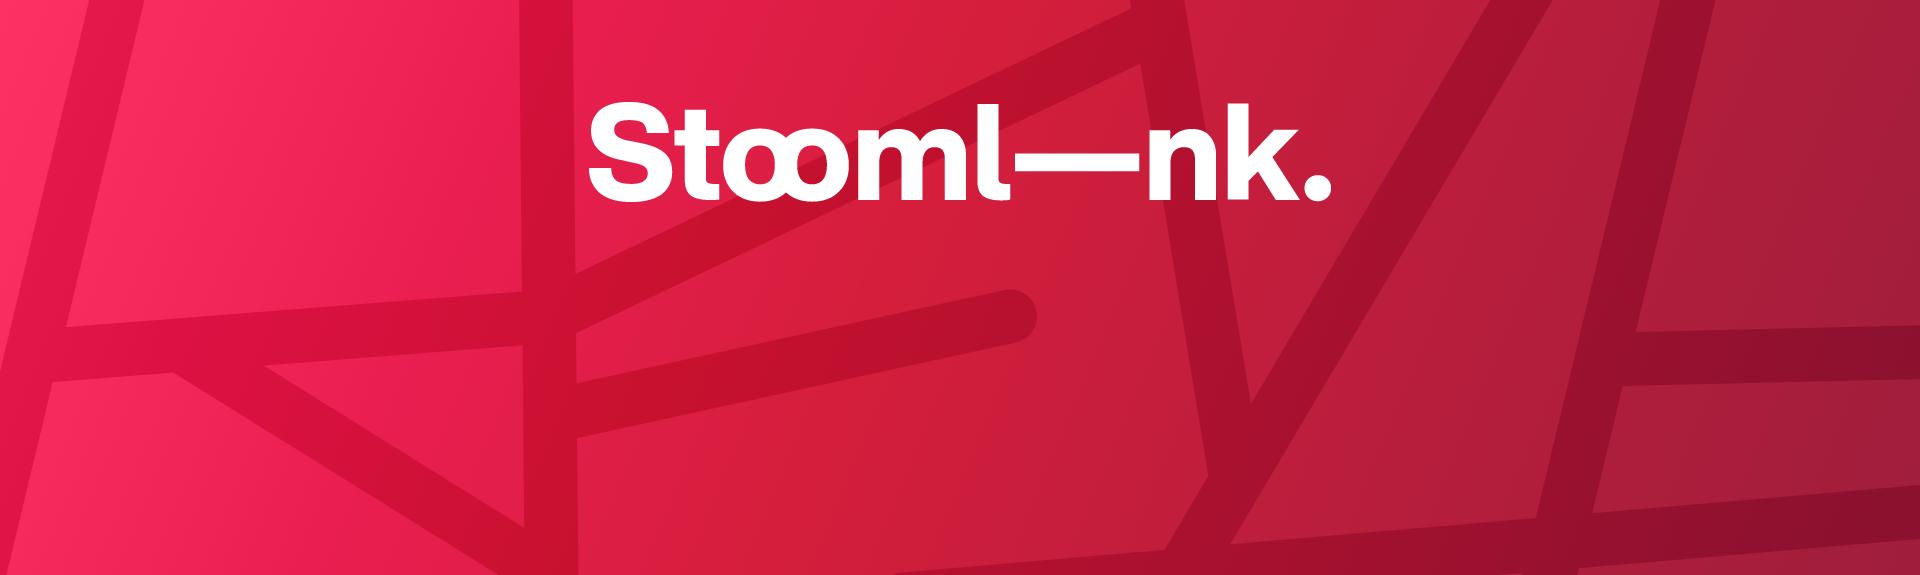 Stoomlink, la mobilité du futur, réalise une levée de fonds auprès de Vias et finance&invest.brussels